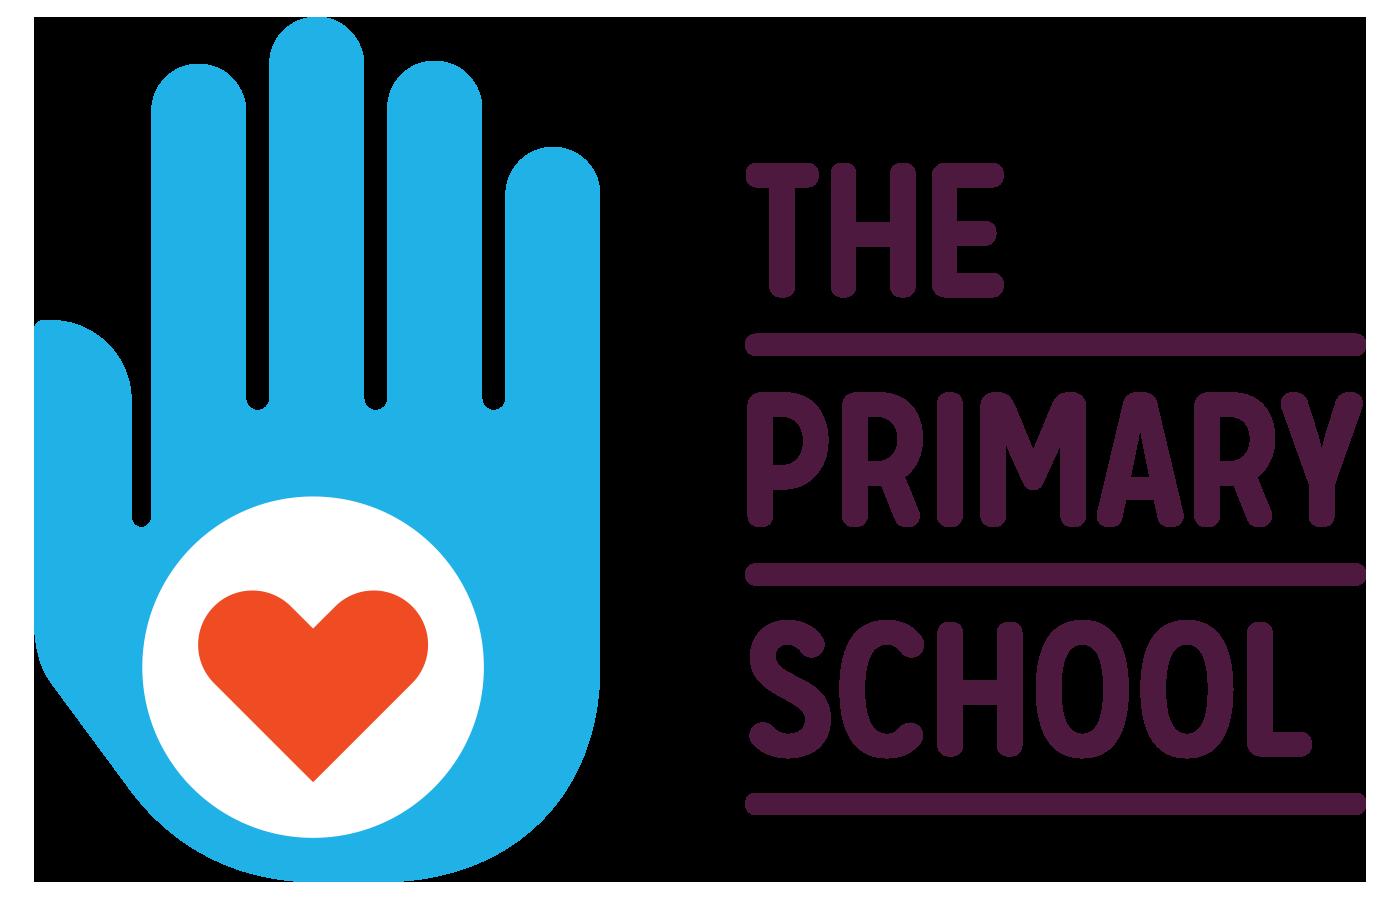 The Primary School logo